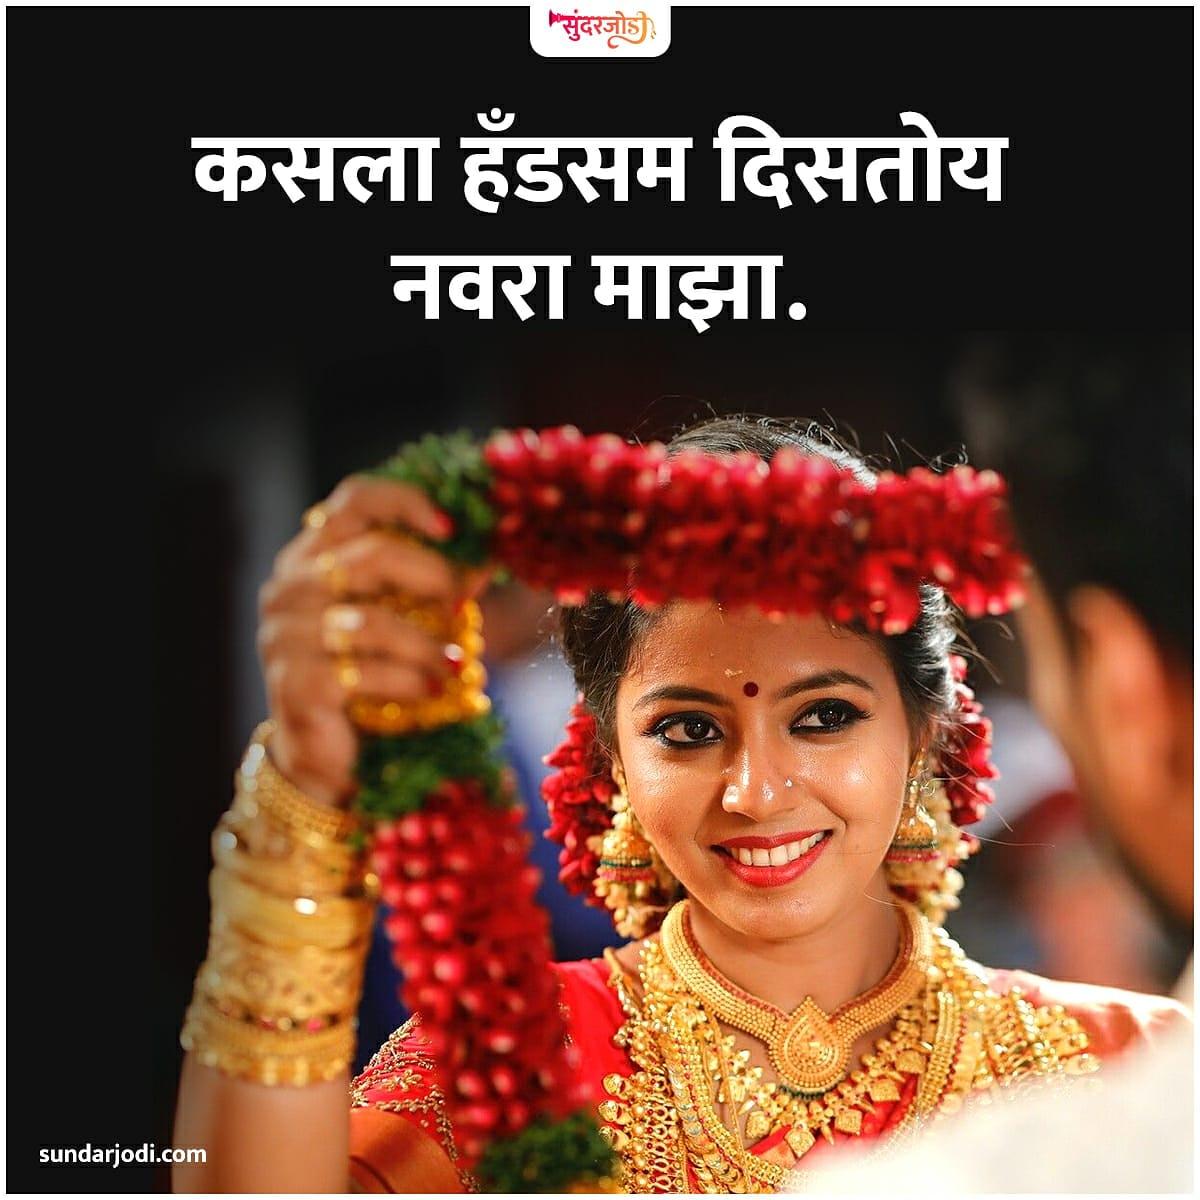 Follow @sundarjodi Whatsapp: 8421792179  सुंदरजोडी हि पुण्यातील विवाह संस्था आहे. हजारो प्रोफाईल मधुन निवडा योग्य जोडीदार. लग्नासाठी लगेच प्रोफाईल बनवा. तुमच्या भागातील सुशिक्षित वधु वर मिळवा मोफत.  #marathifunny #marathiwedding #maharashtrian #marathishayri #marathibreakuppic.twitter.com/oNfvDTqbCq